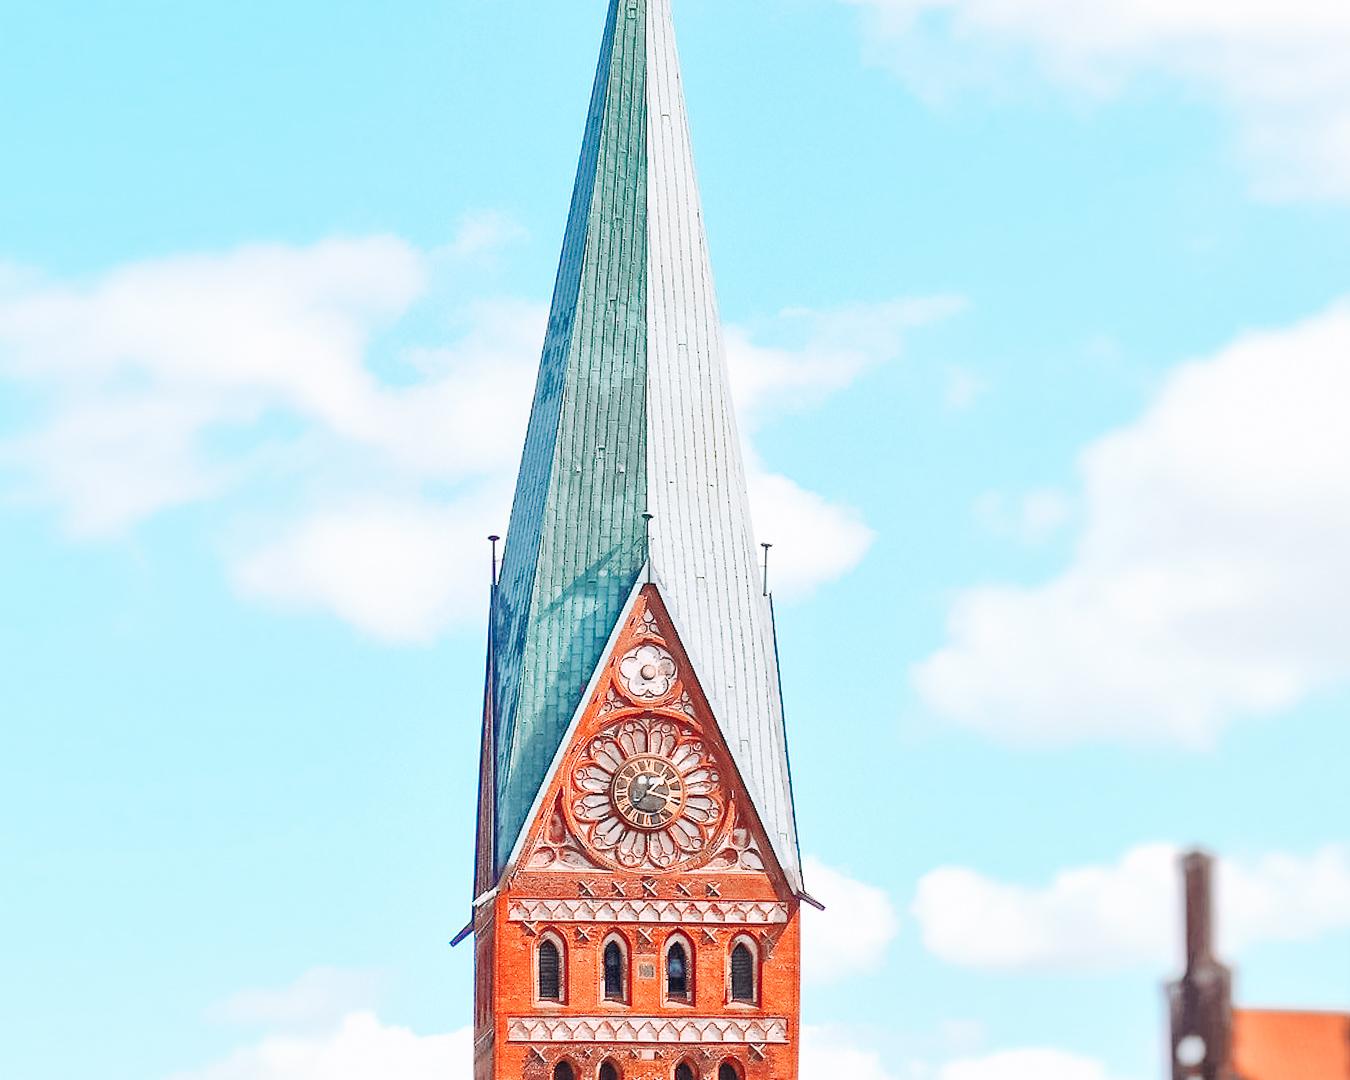 St. John's Church in Lüneburg